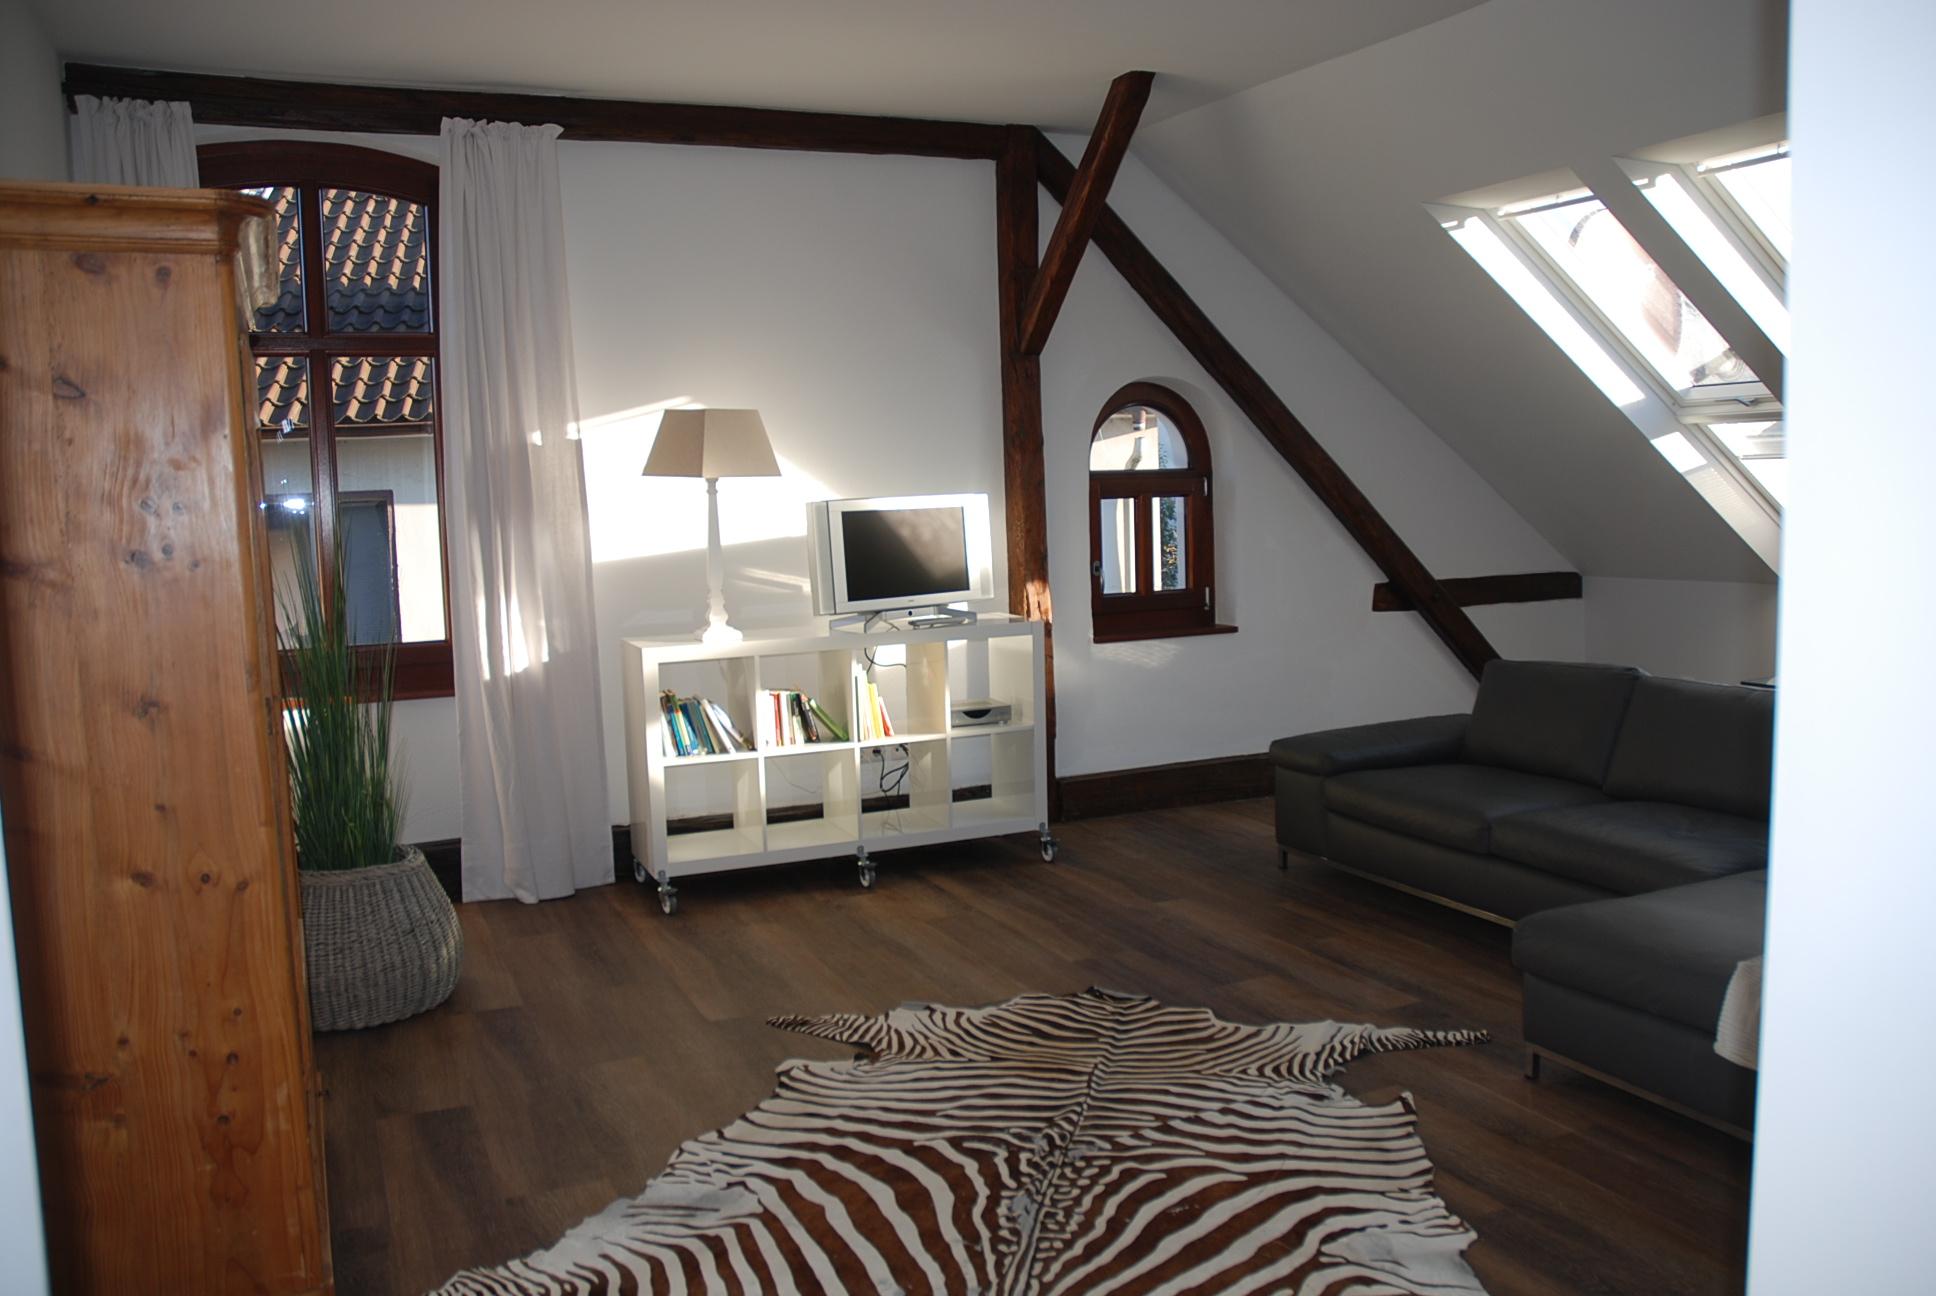 weitzel-boardinghouse-appart-muehlenstrasse-atelier-01